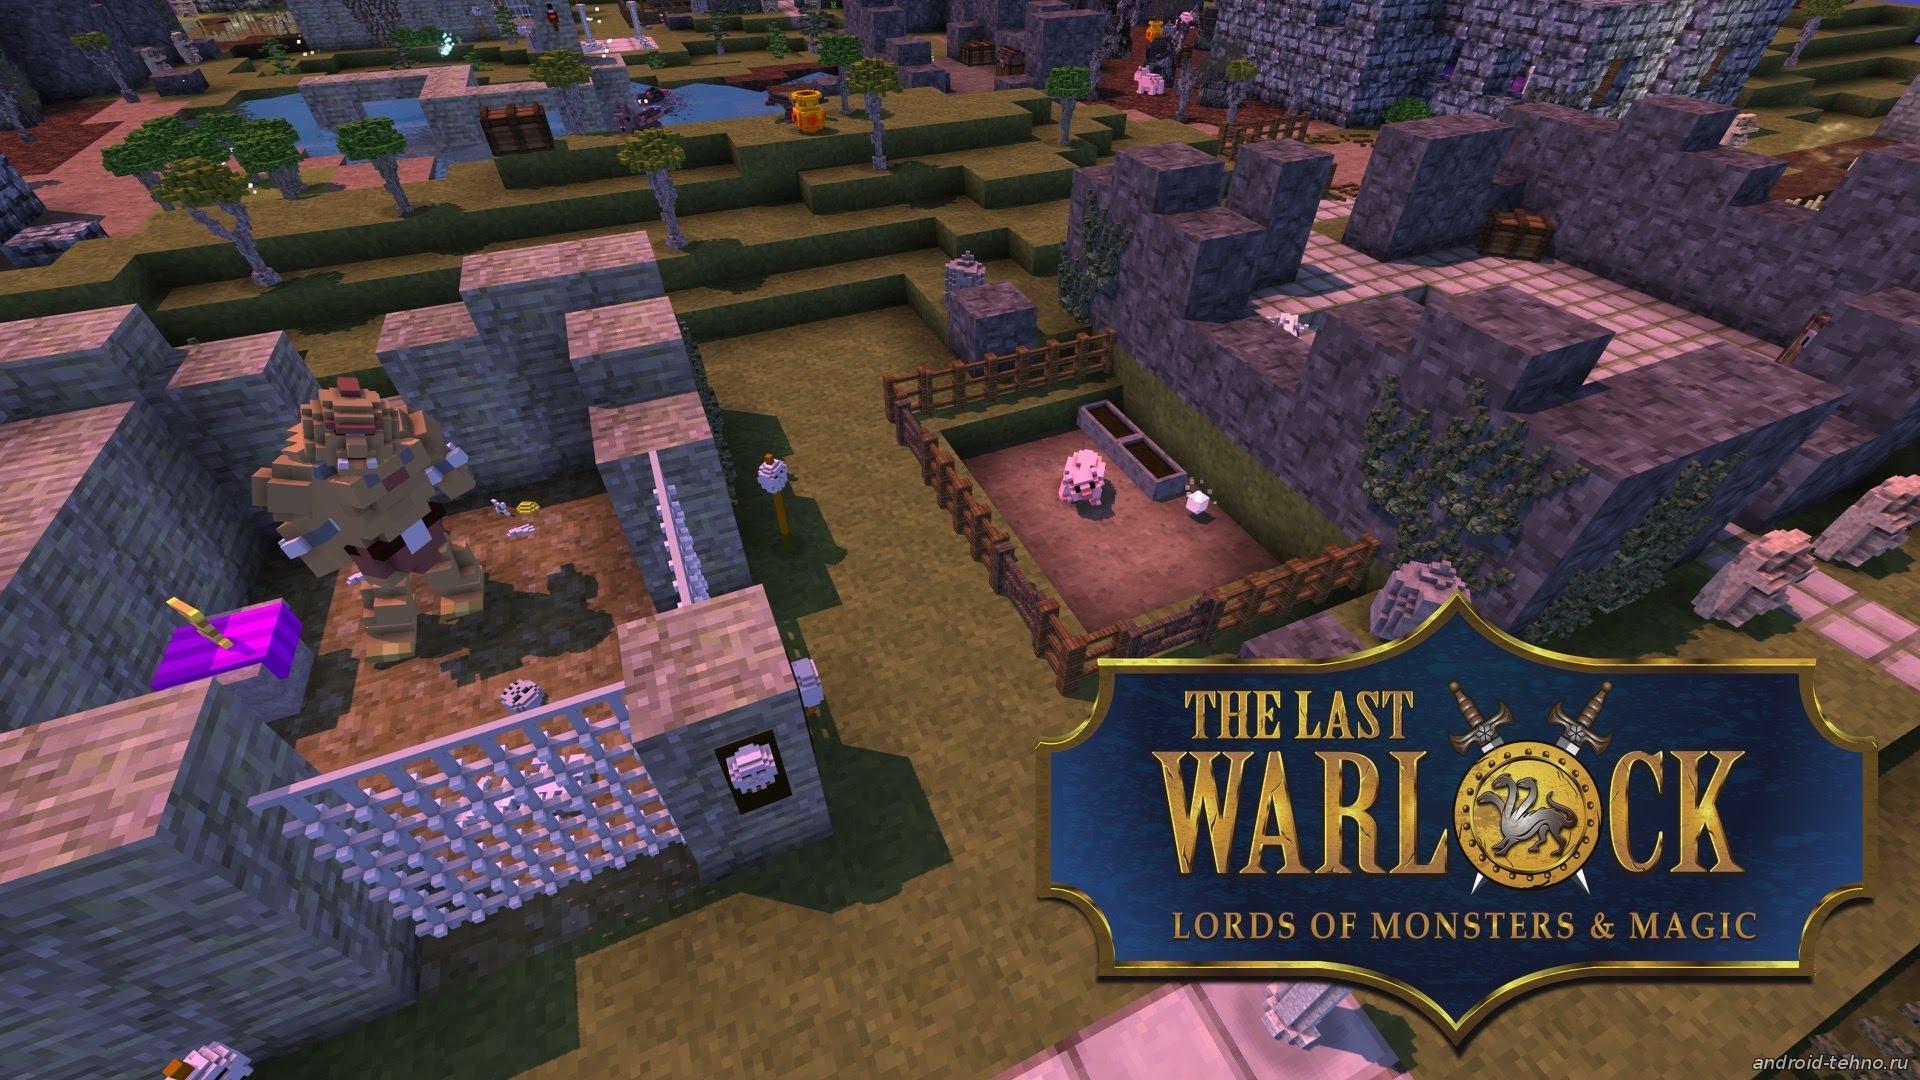 The Last Warlockb игра пародия на майнкрафт